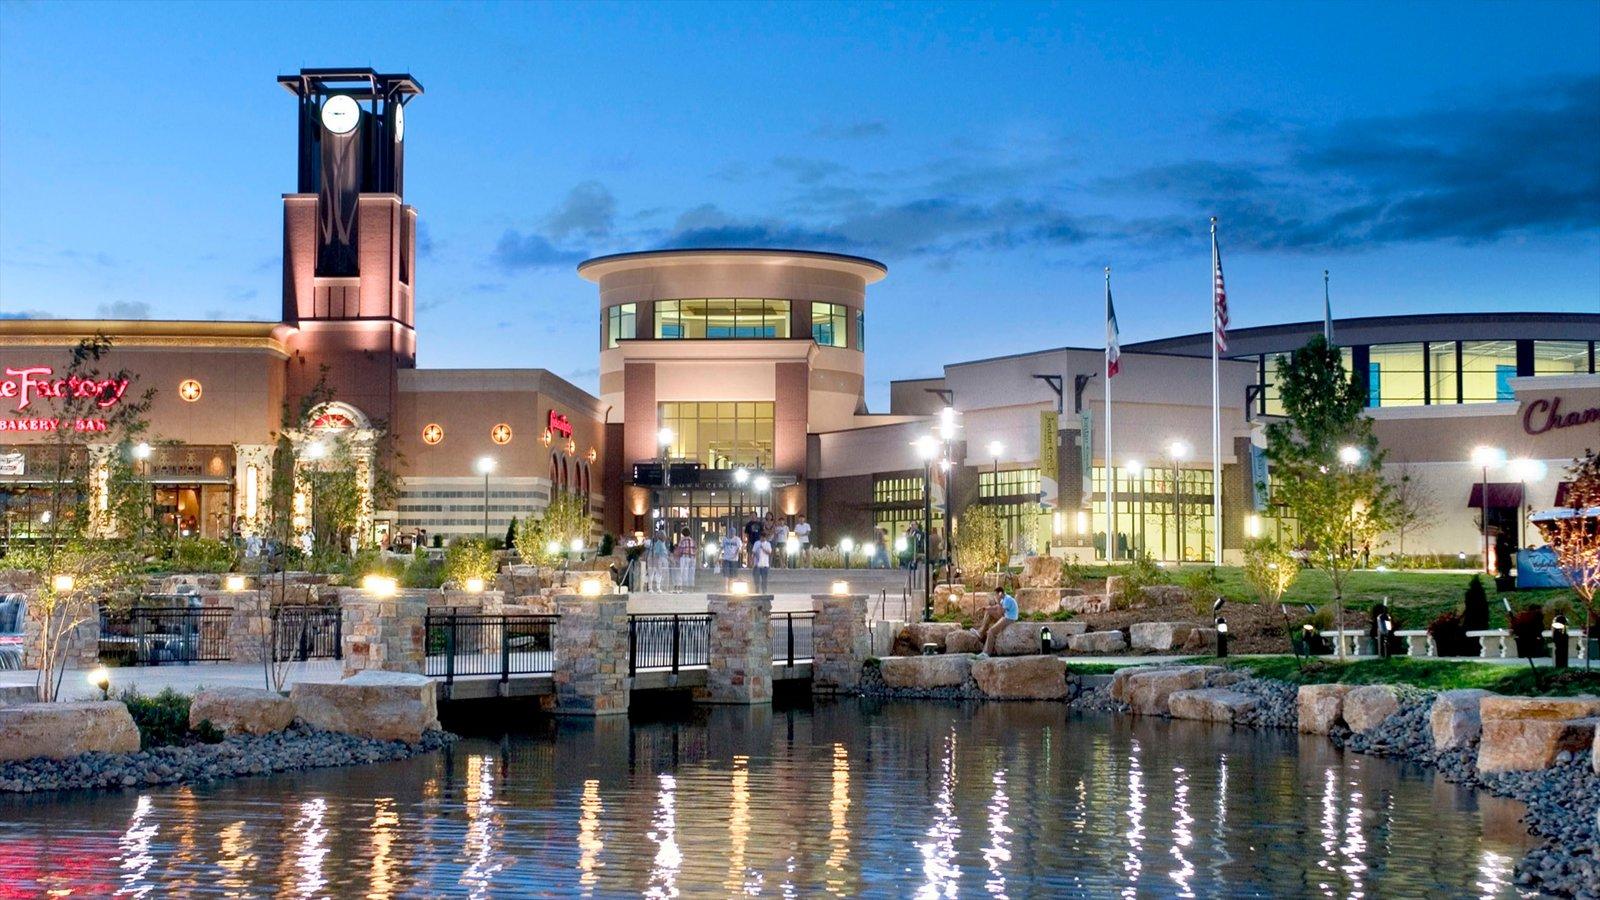 West Des Moines que inclui compras, arquitetura moderna e um lago ou charco